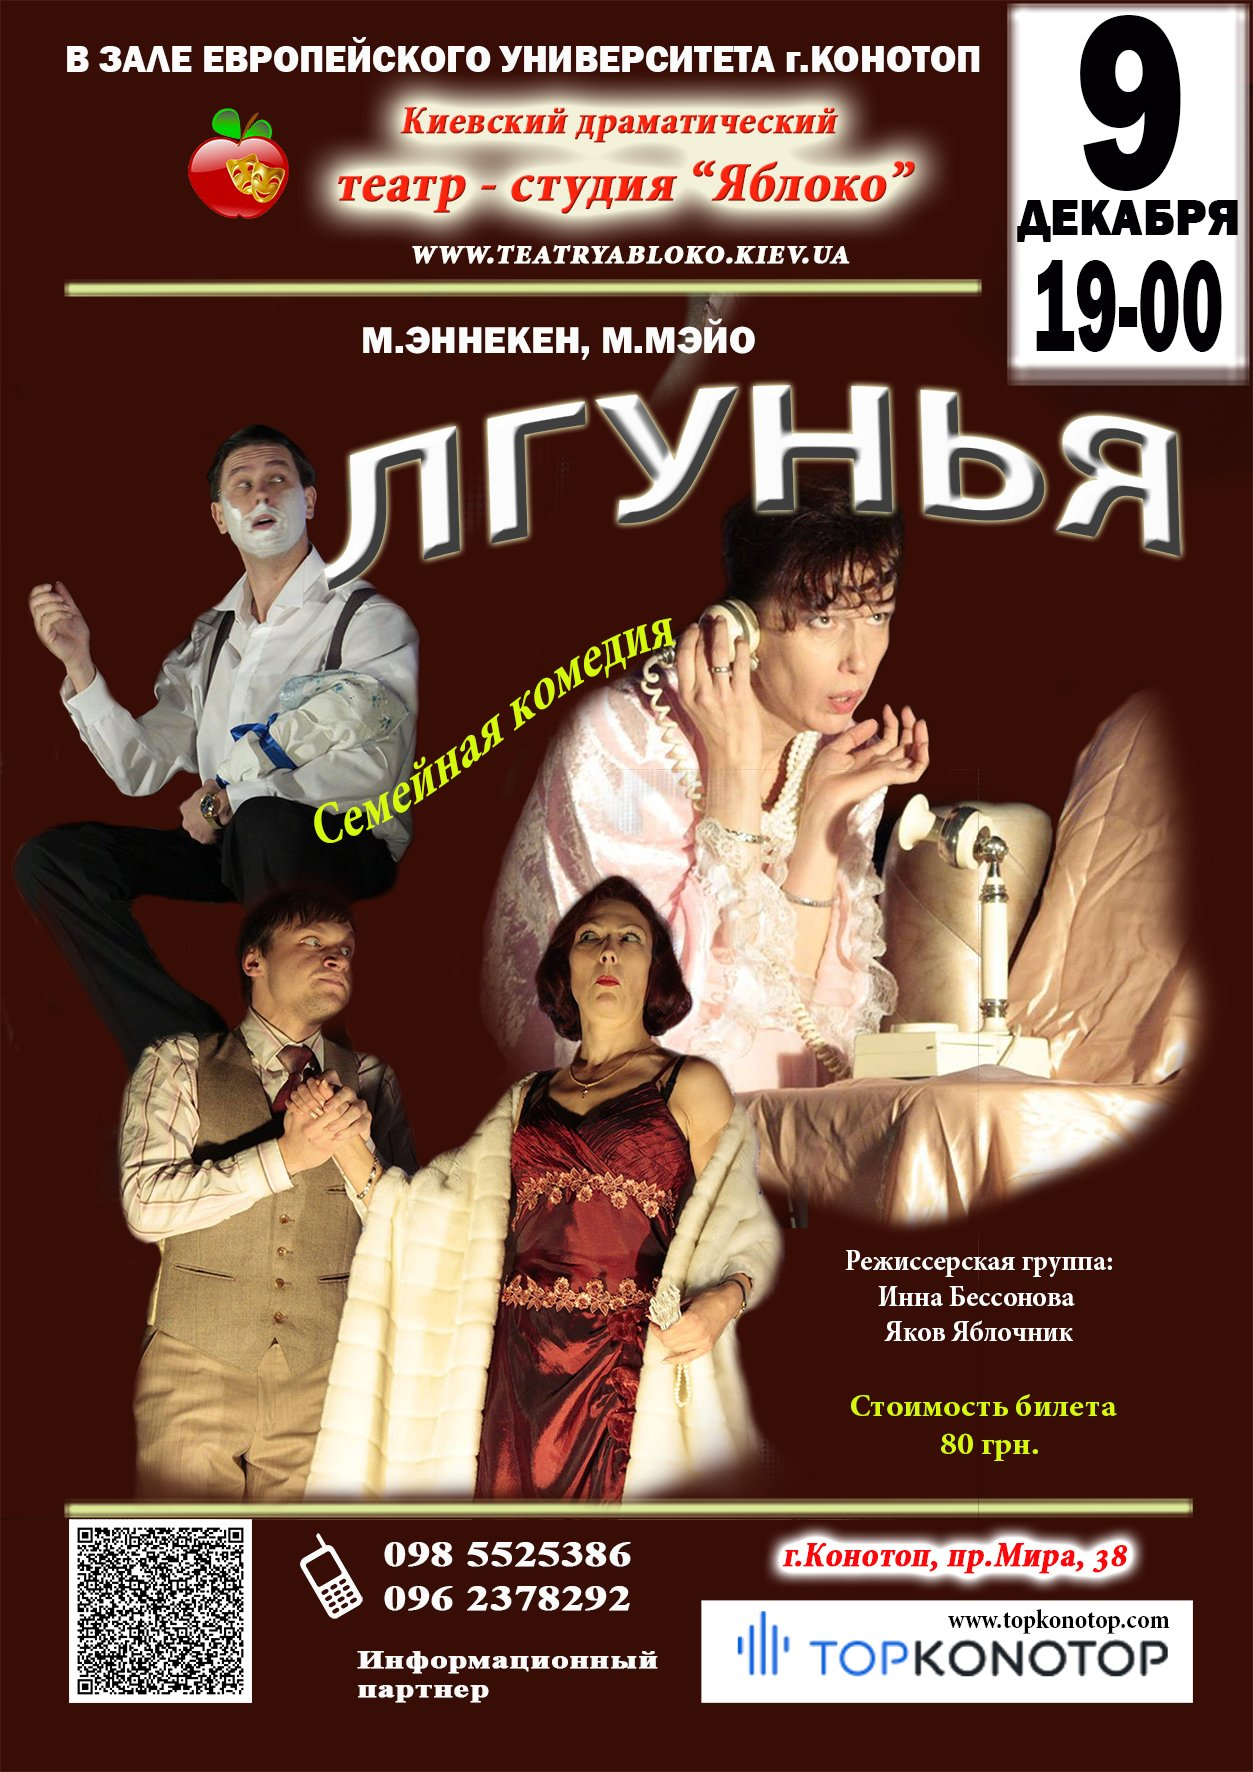 Київський театр покаже конотопцям сімейну комедію, фото-1